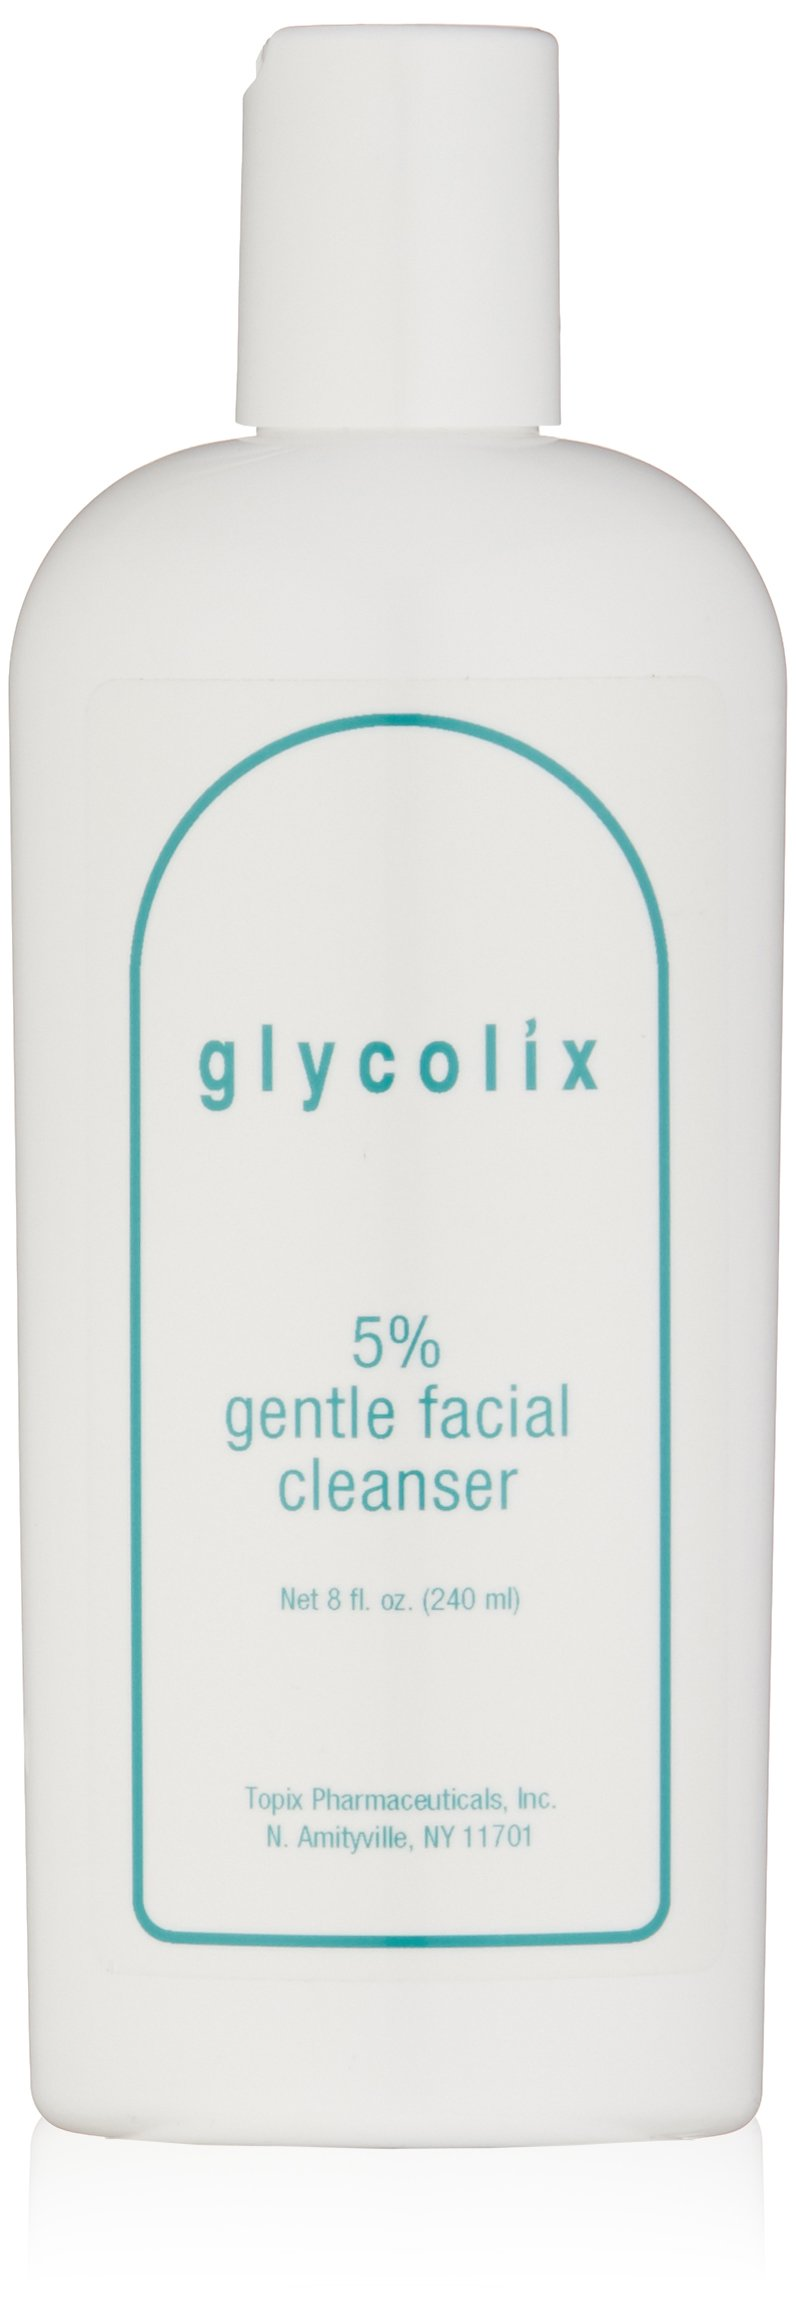 Glycolix 5% Gentle Facial Cleanser, 8 Fl Oz